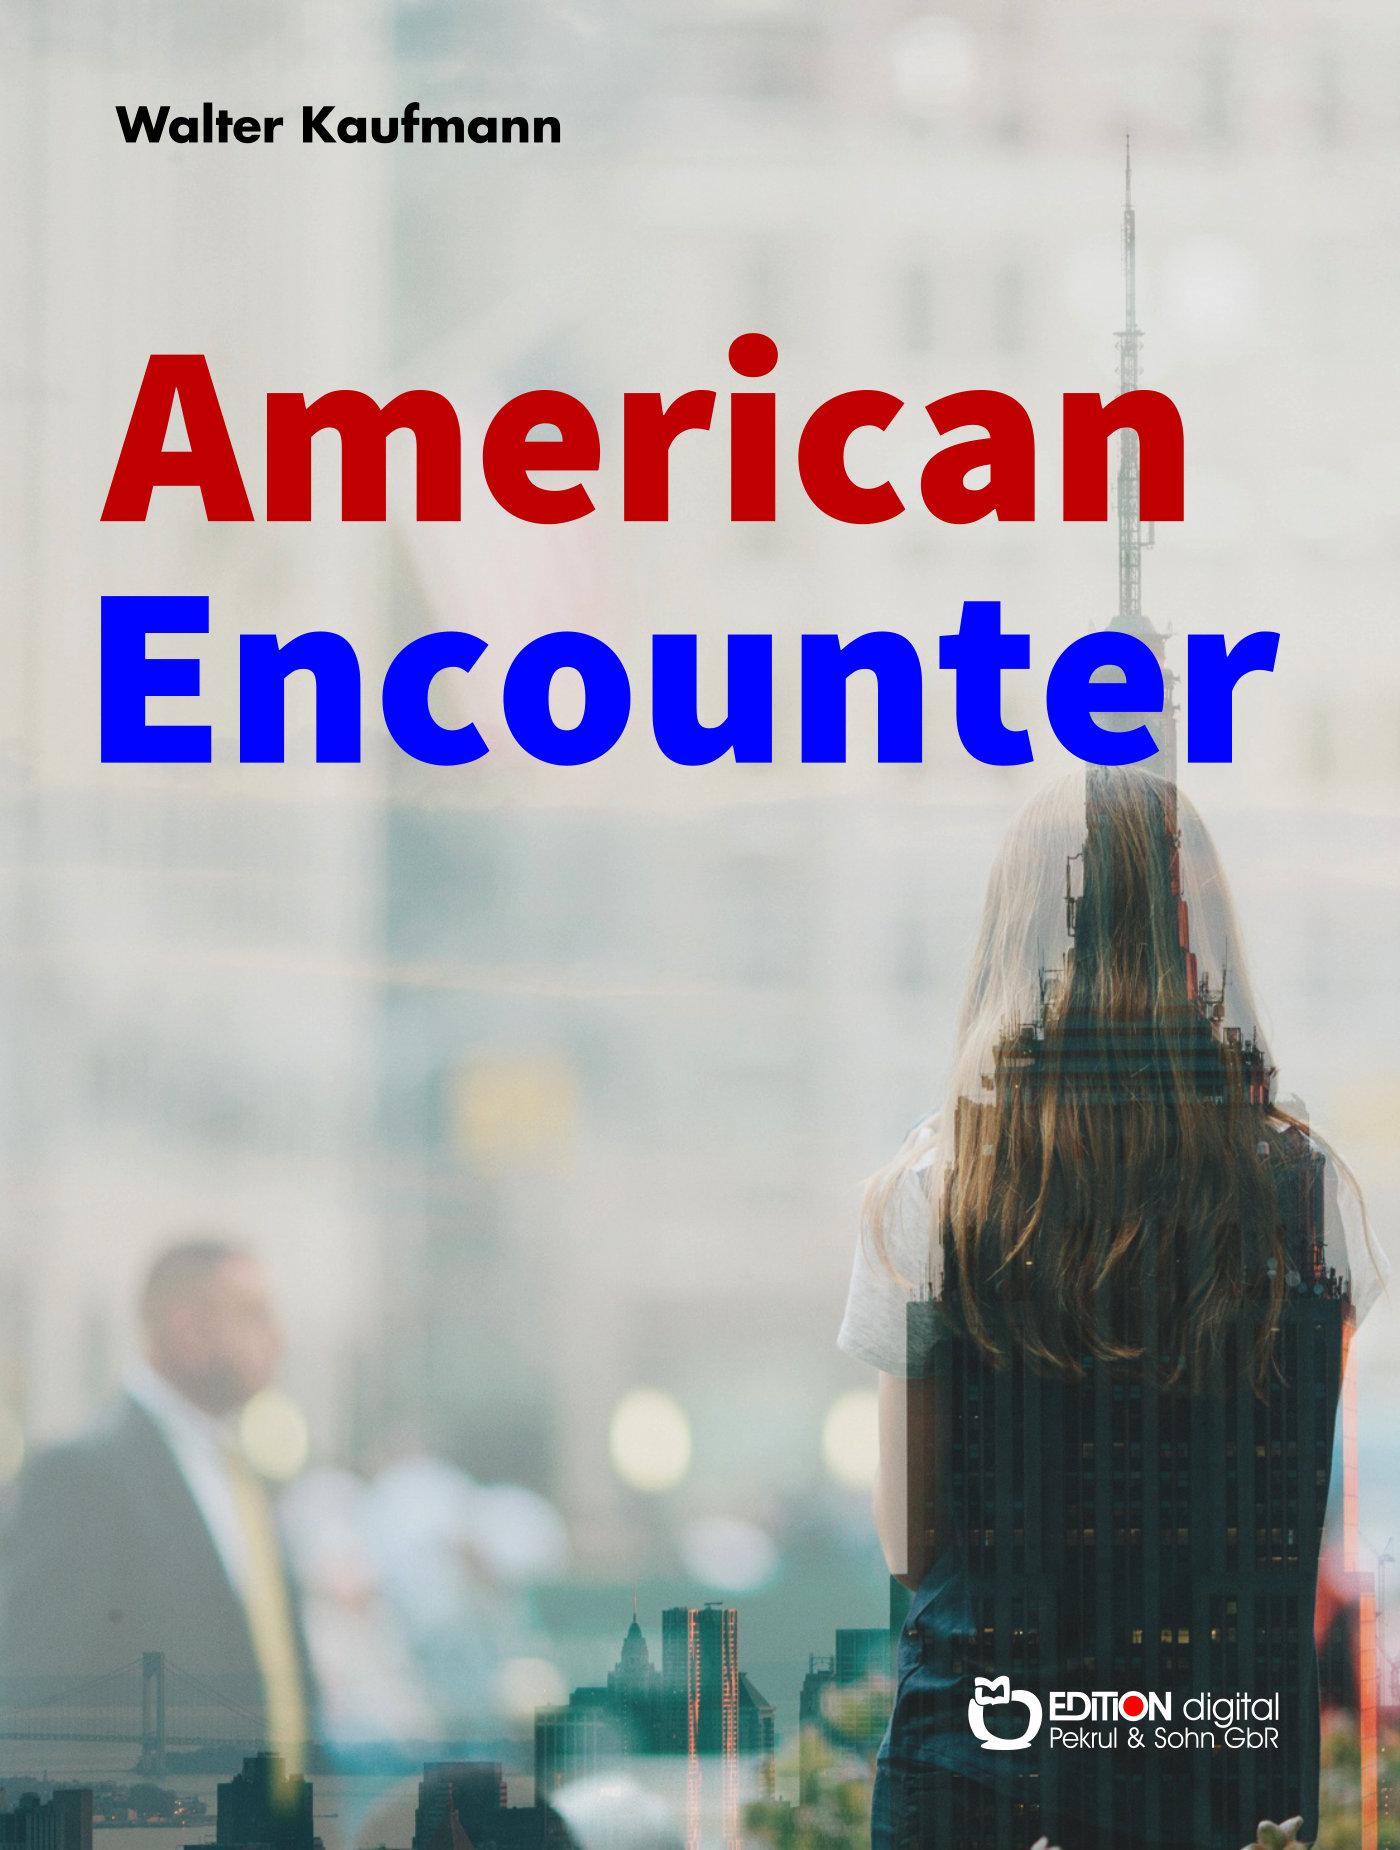 American Encounter von Walter Kaufmann